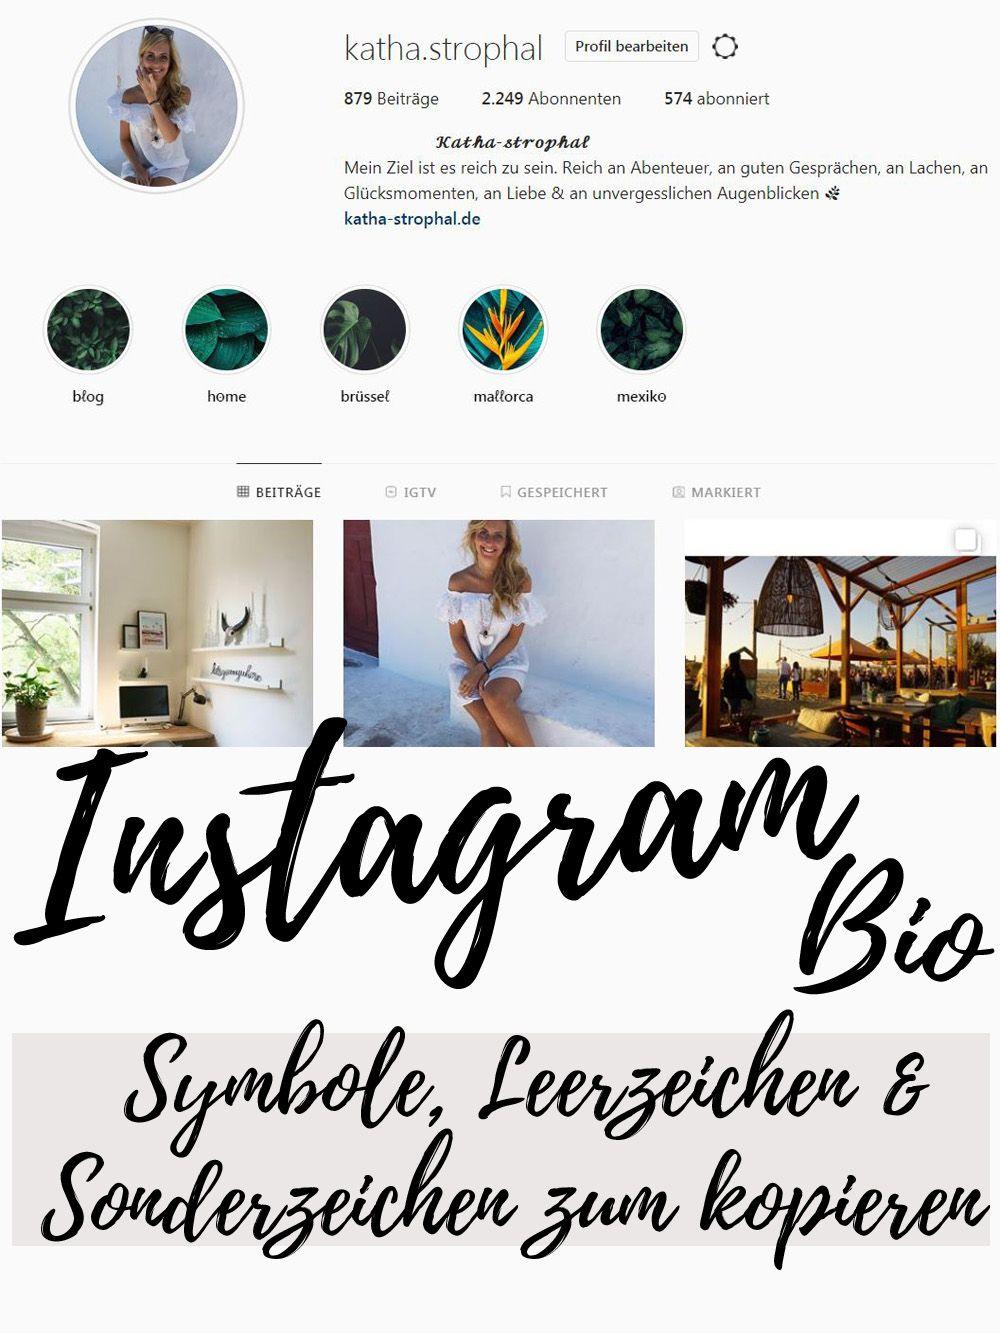 Symbole Zum Kopieren Fur Instagram Facebook Und Sonstige Beitrage Verschnorkelte Buchstaben Leerzeichen Symbol Instagram Bi In 2020 Instagram Symbole Coole Symbole